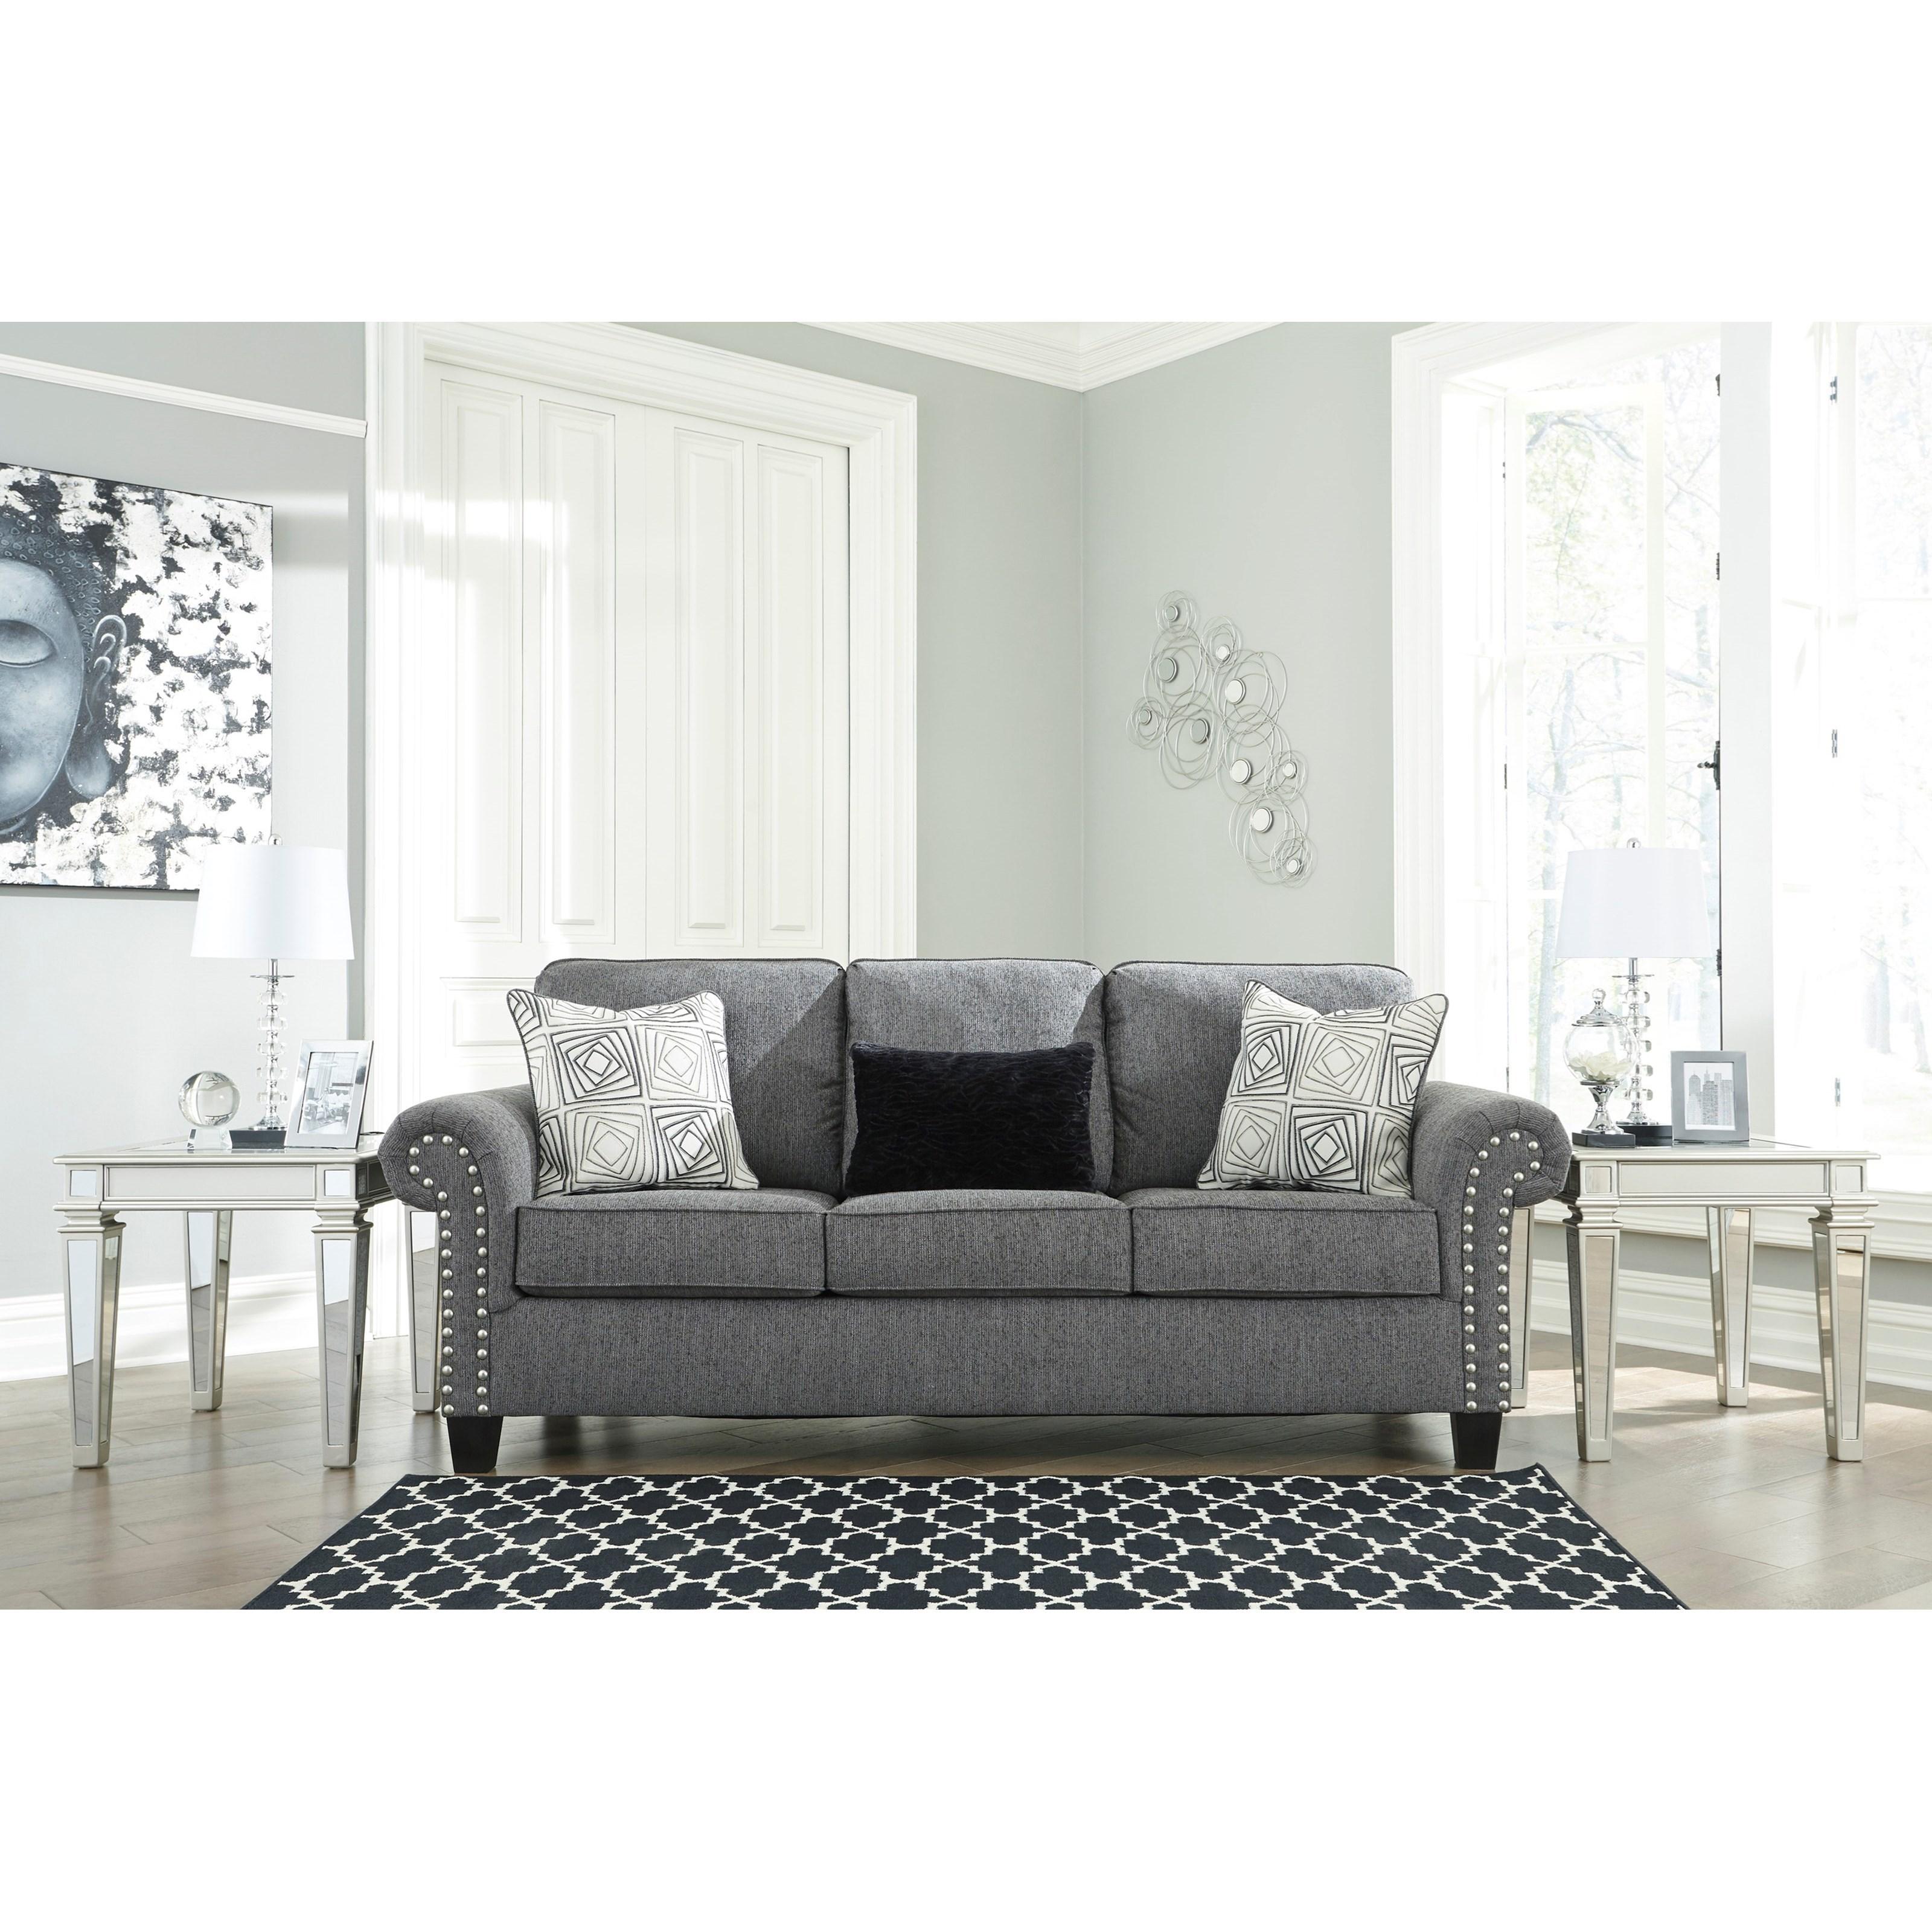 Benchcraft Agleno 7870138 Contemporary Sofa With Nailhead